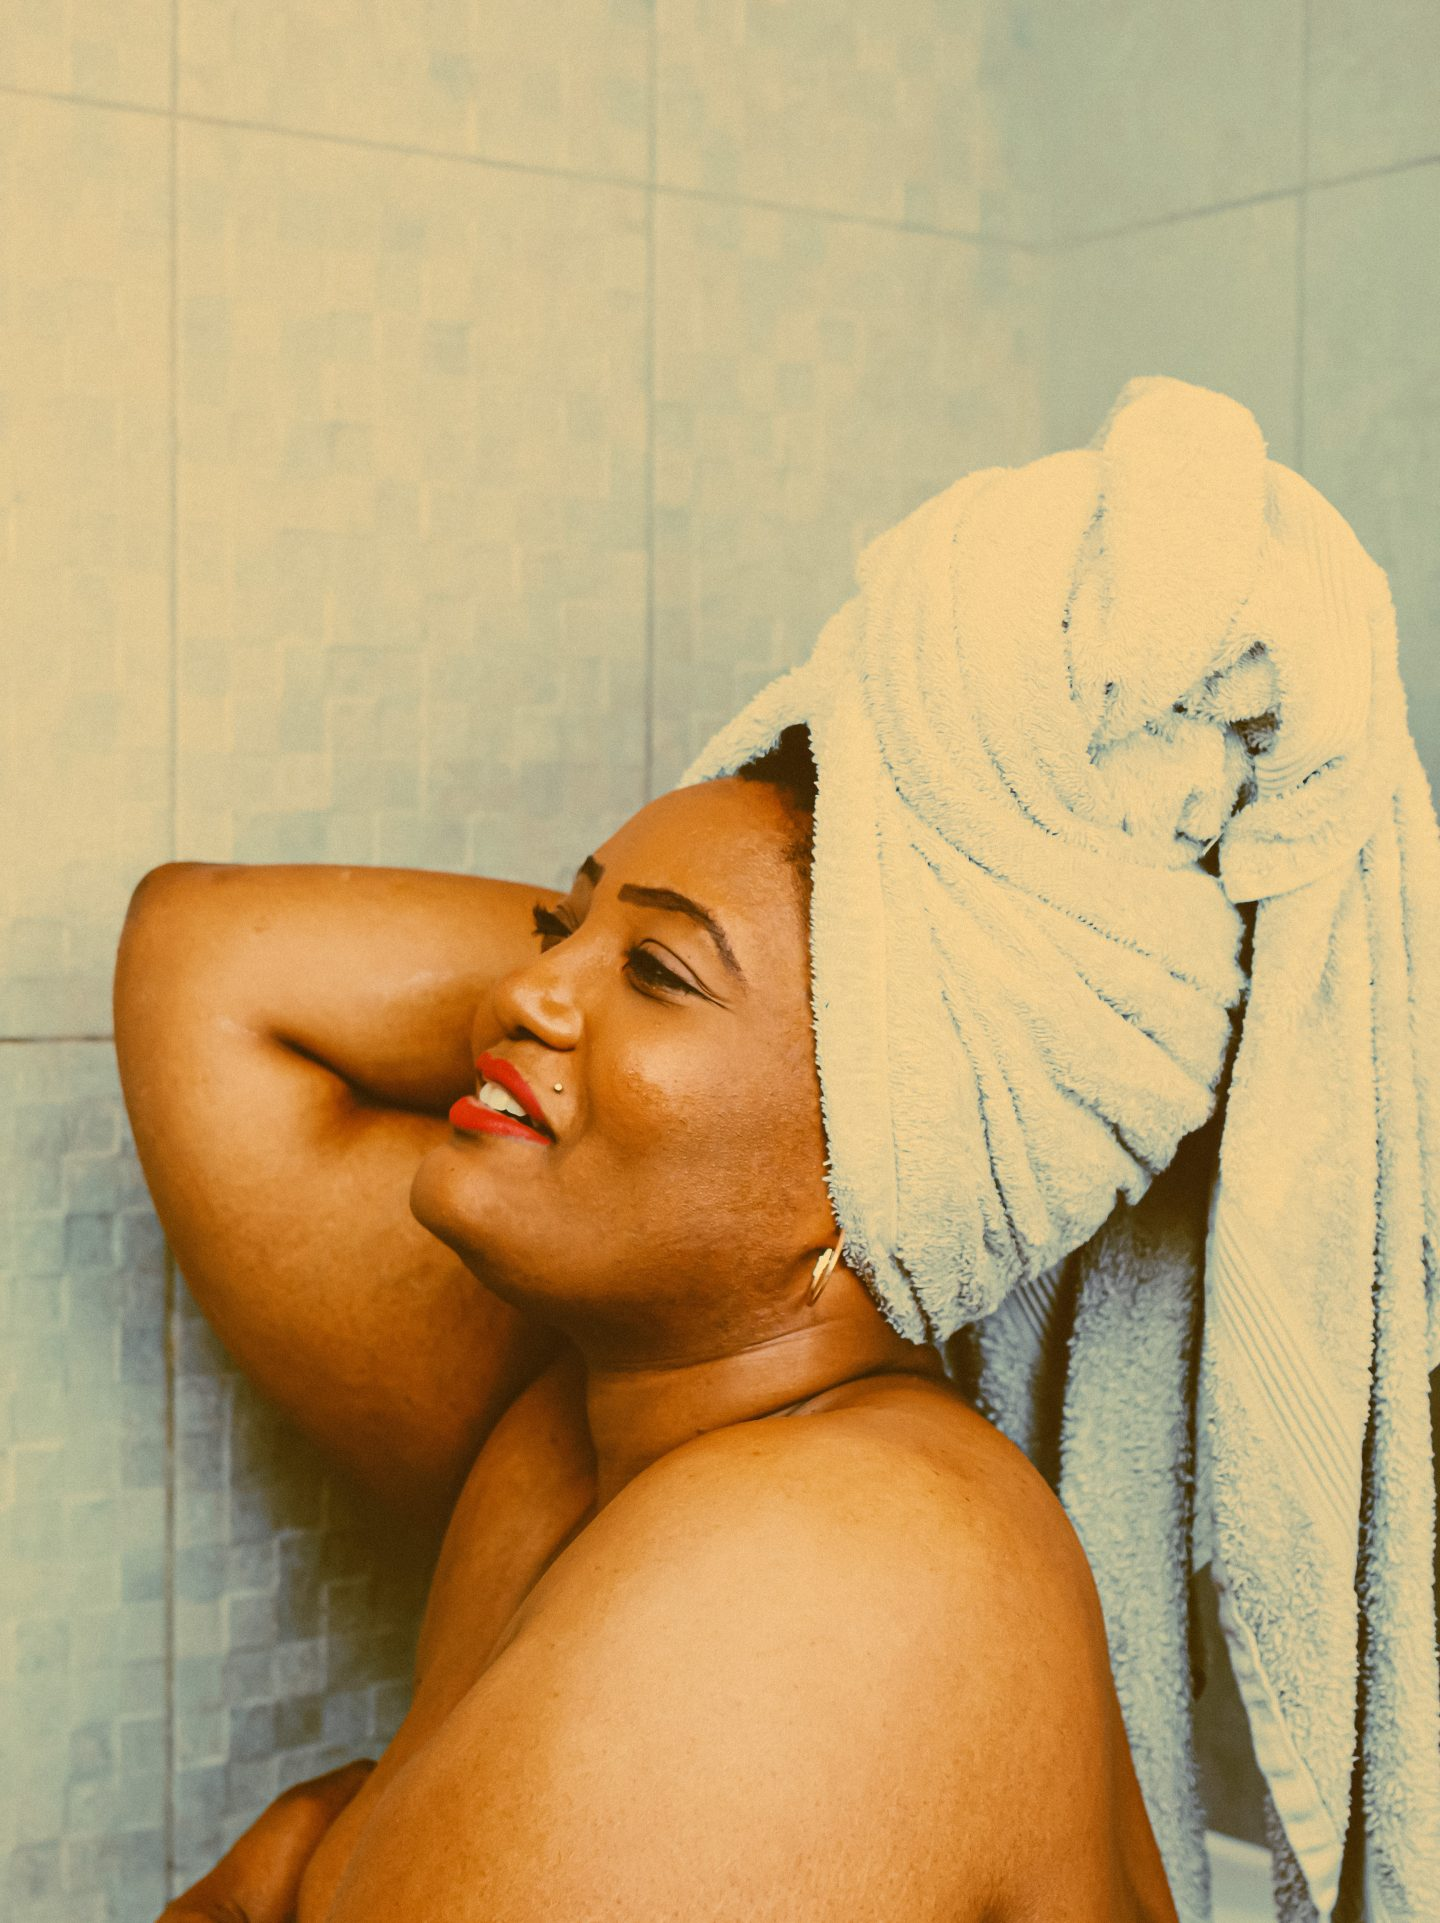 femme dans une baignoir